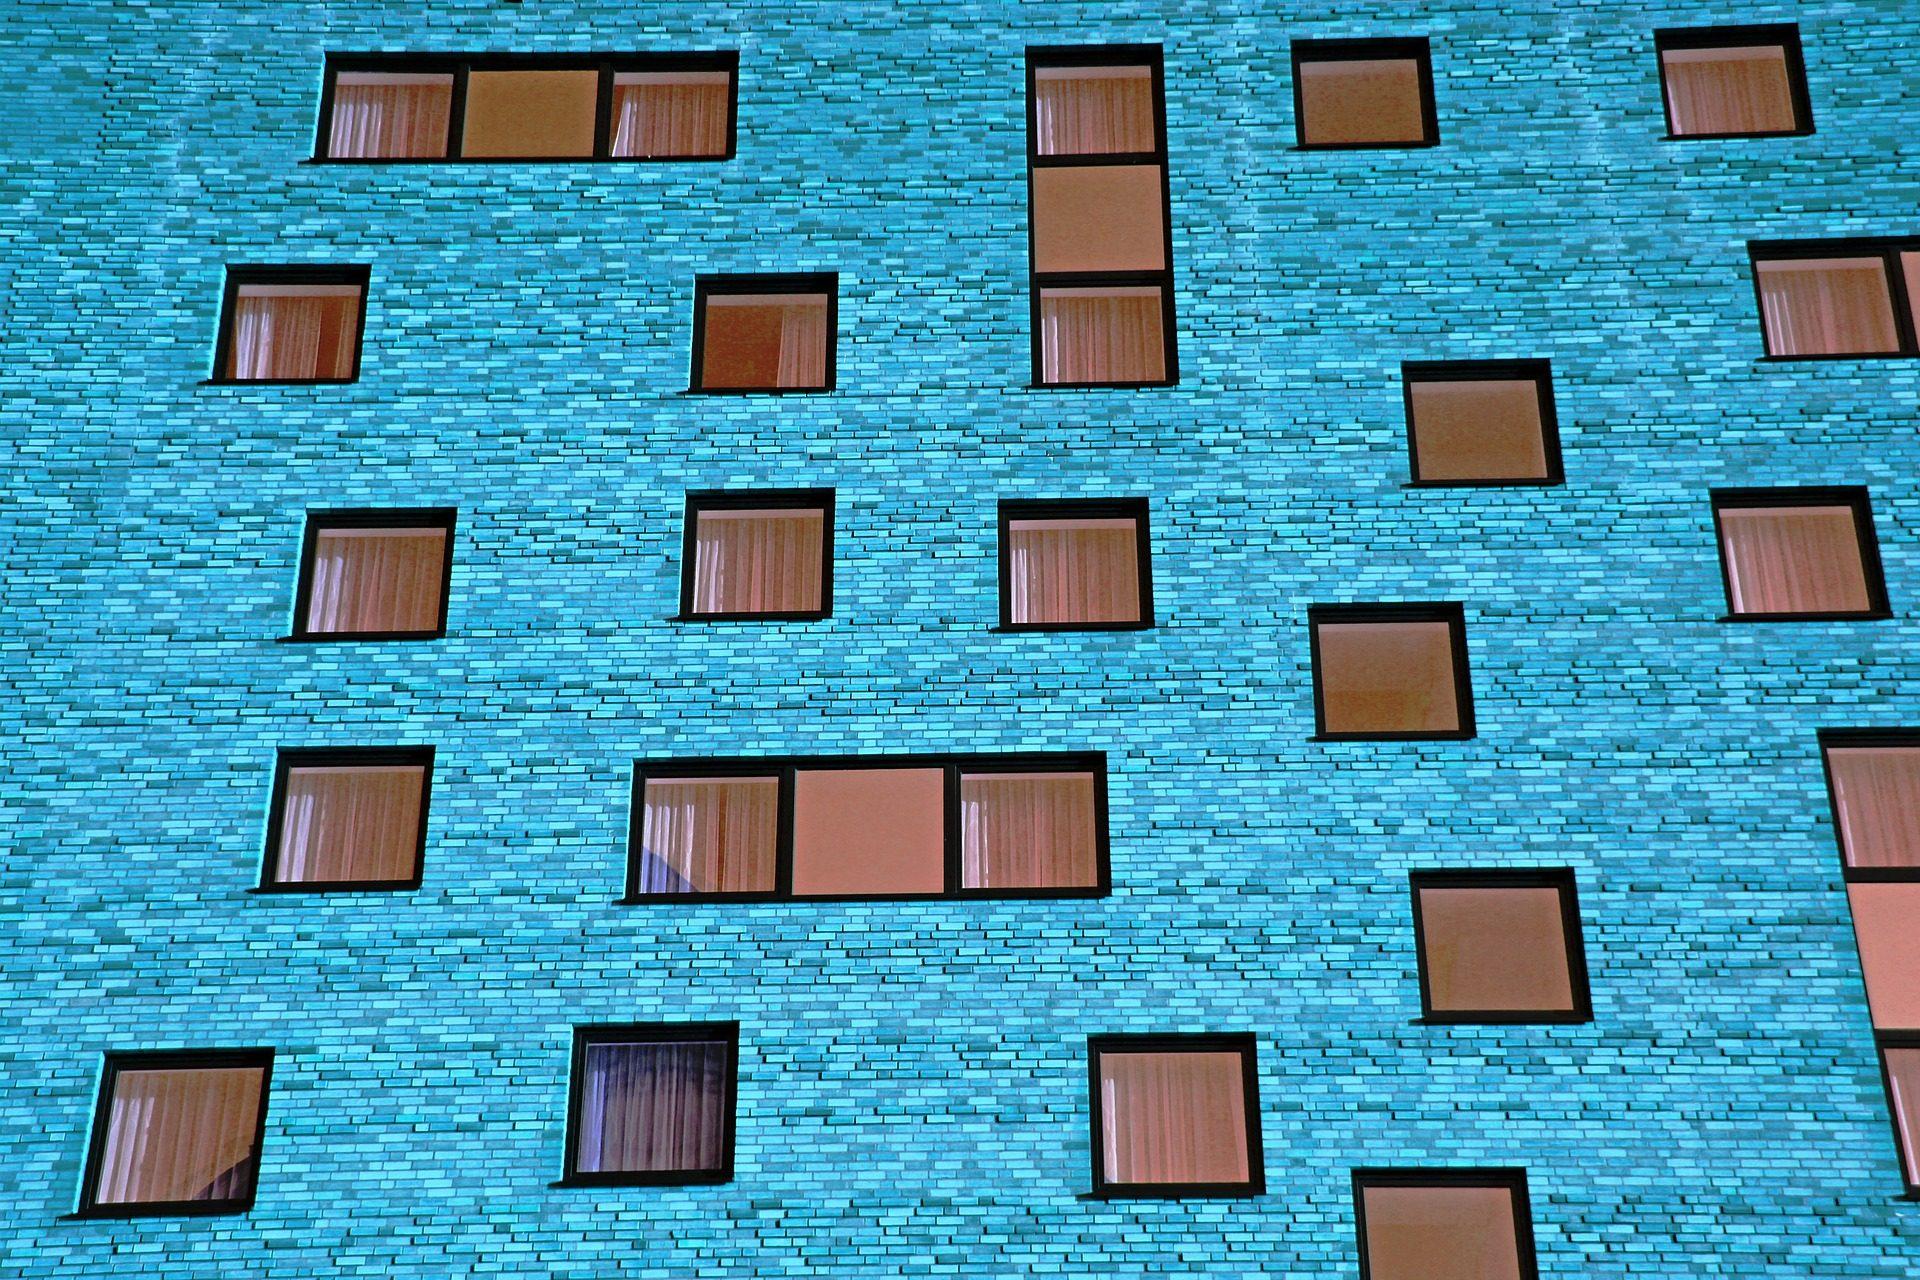 bâtiment, façade, Appartements, Windows, Bleu - Fonds d'écran HD - Professor-falken.com